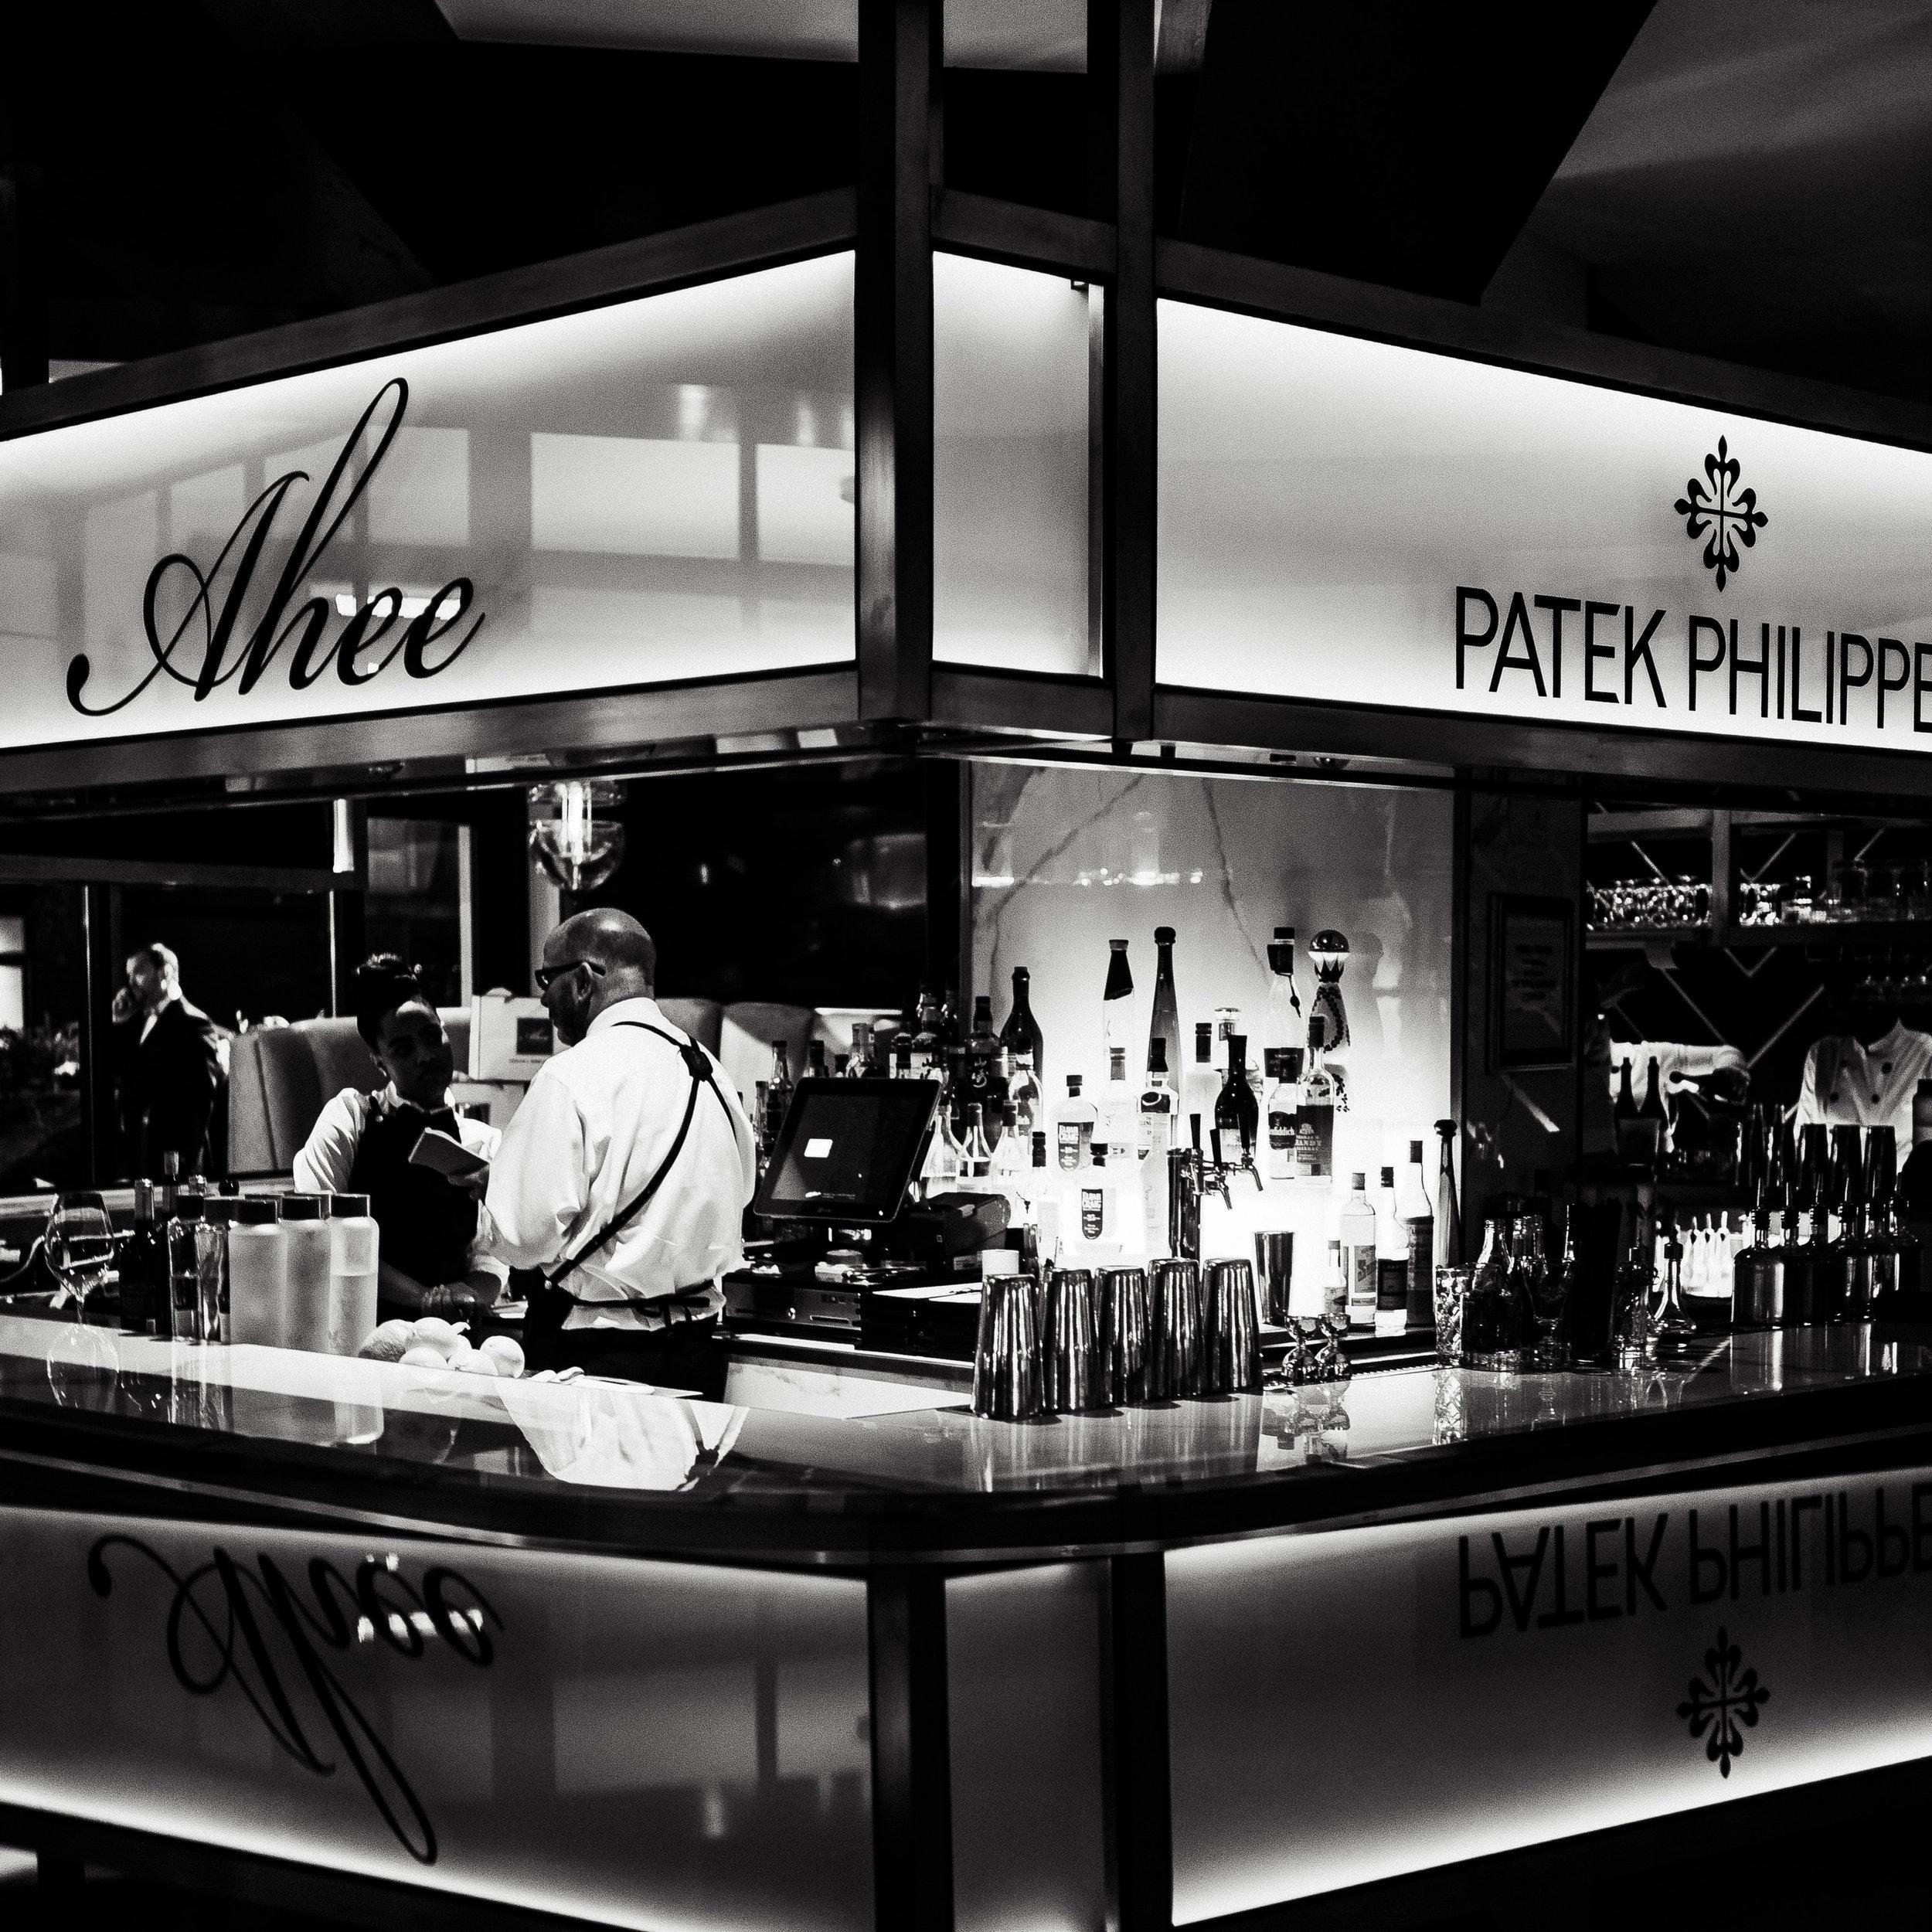 Prime+++Proper+-+Patek+Phillipe+Ahee+Jewelers-20181129-20-24-56.JPG